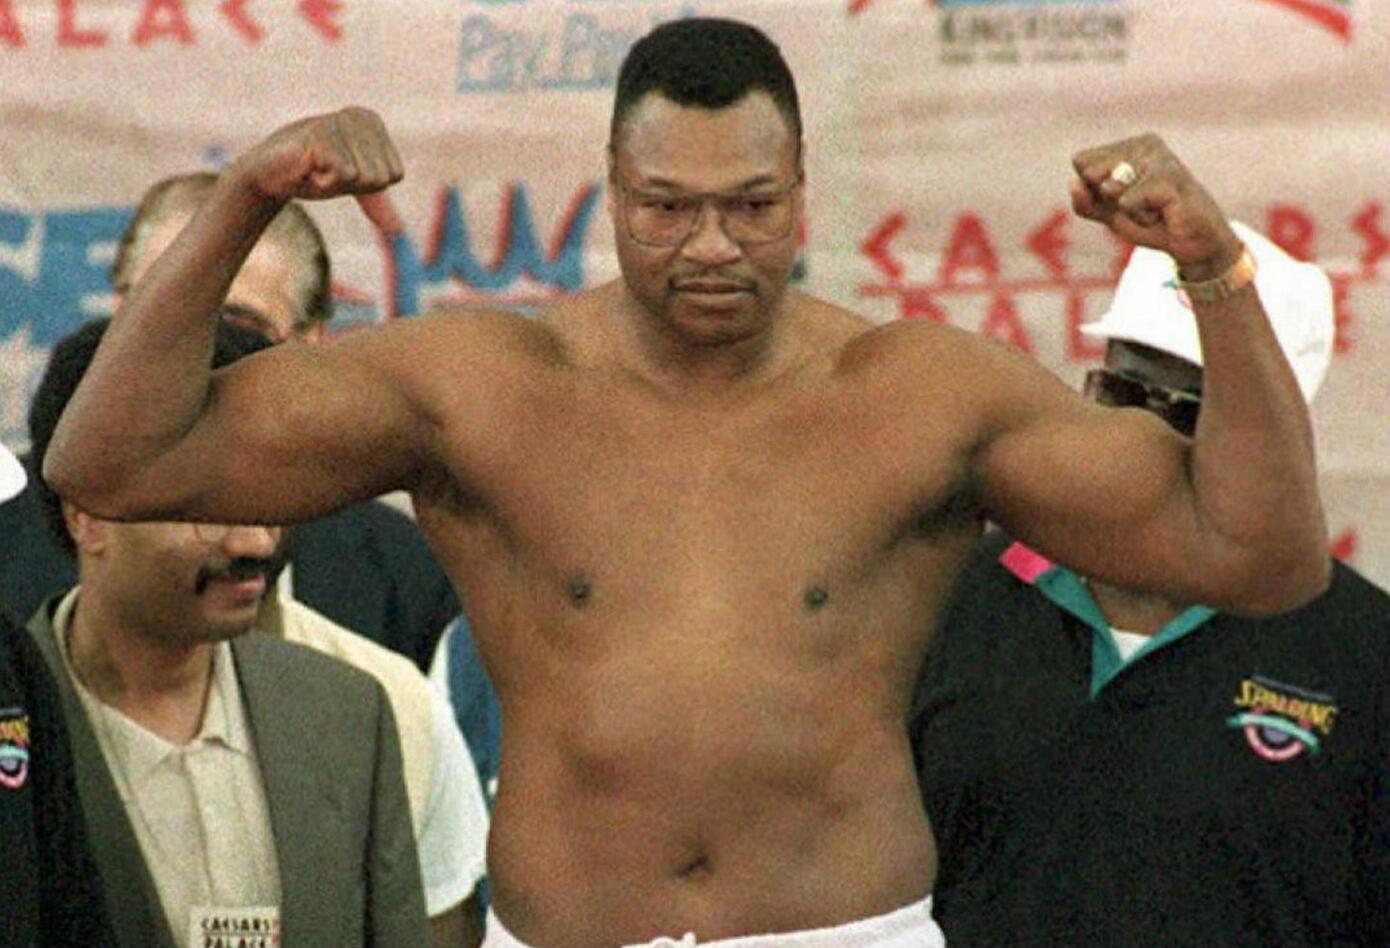 9. Larry Holmes. Nació el 3 de noviembre de 1949 en Cuthbert, Georgia (EE.UU.). Se retiró el 27 de julio de 2002. Tiene un récord: 69 victorias (44 knockouts), seis derrotas. Realizó 19 defensas.